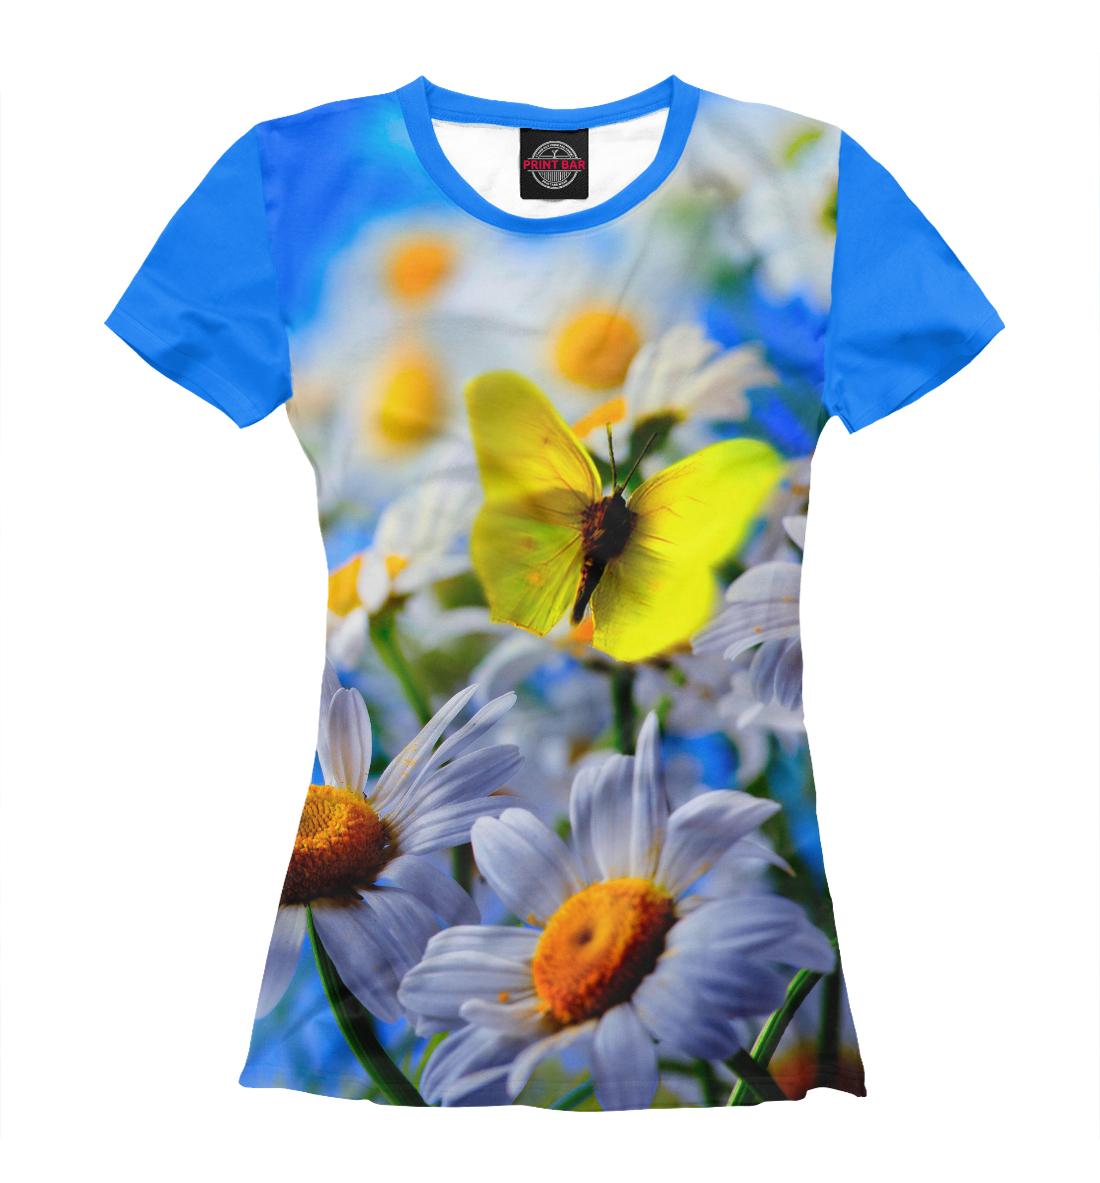 Купить Цветы и бабочка, Printbar, Футболки, CVE-224279-fut-1